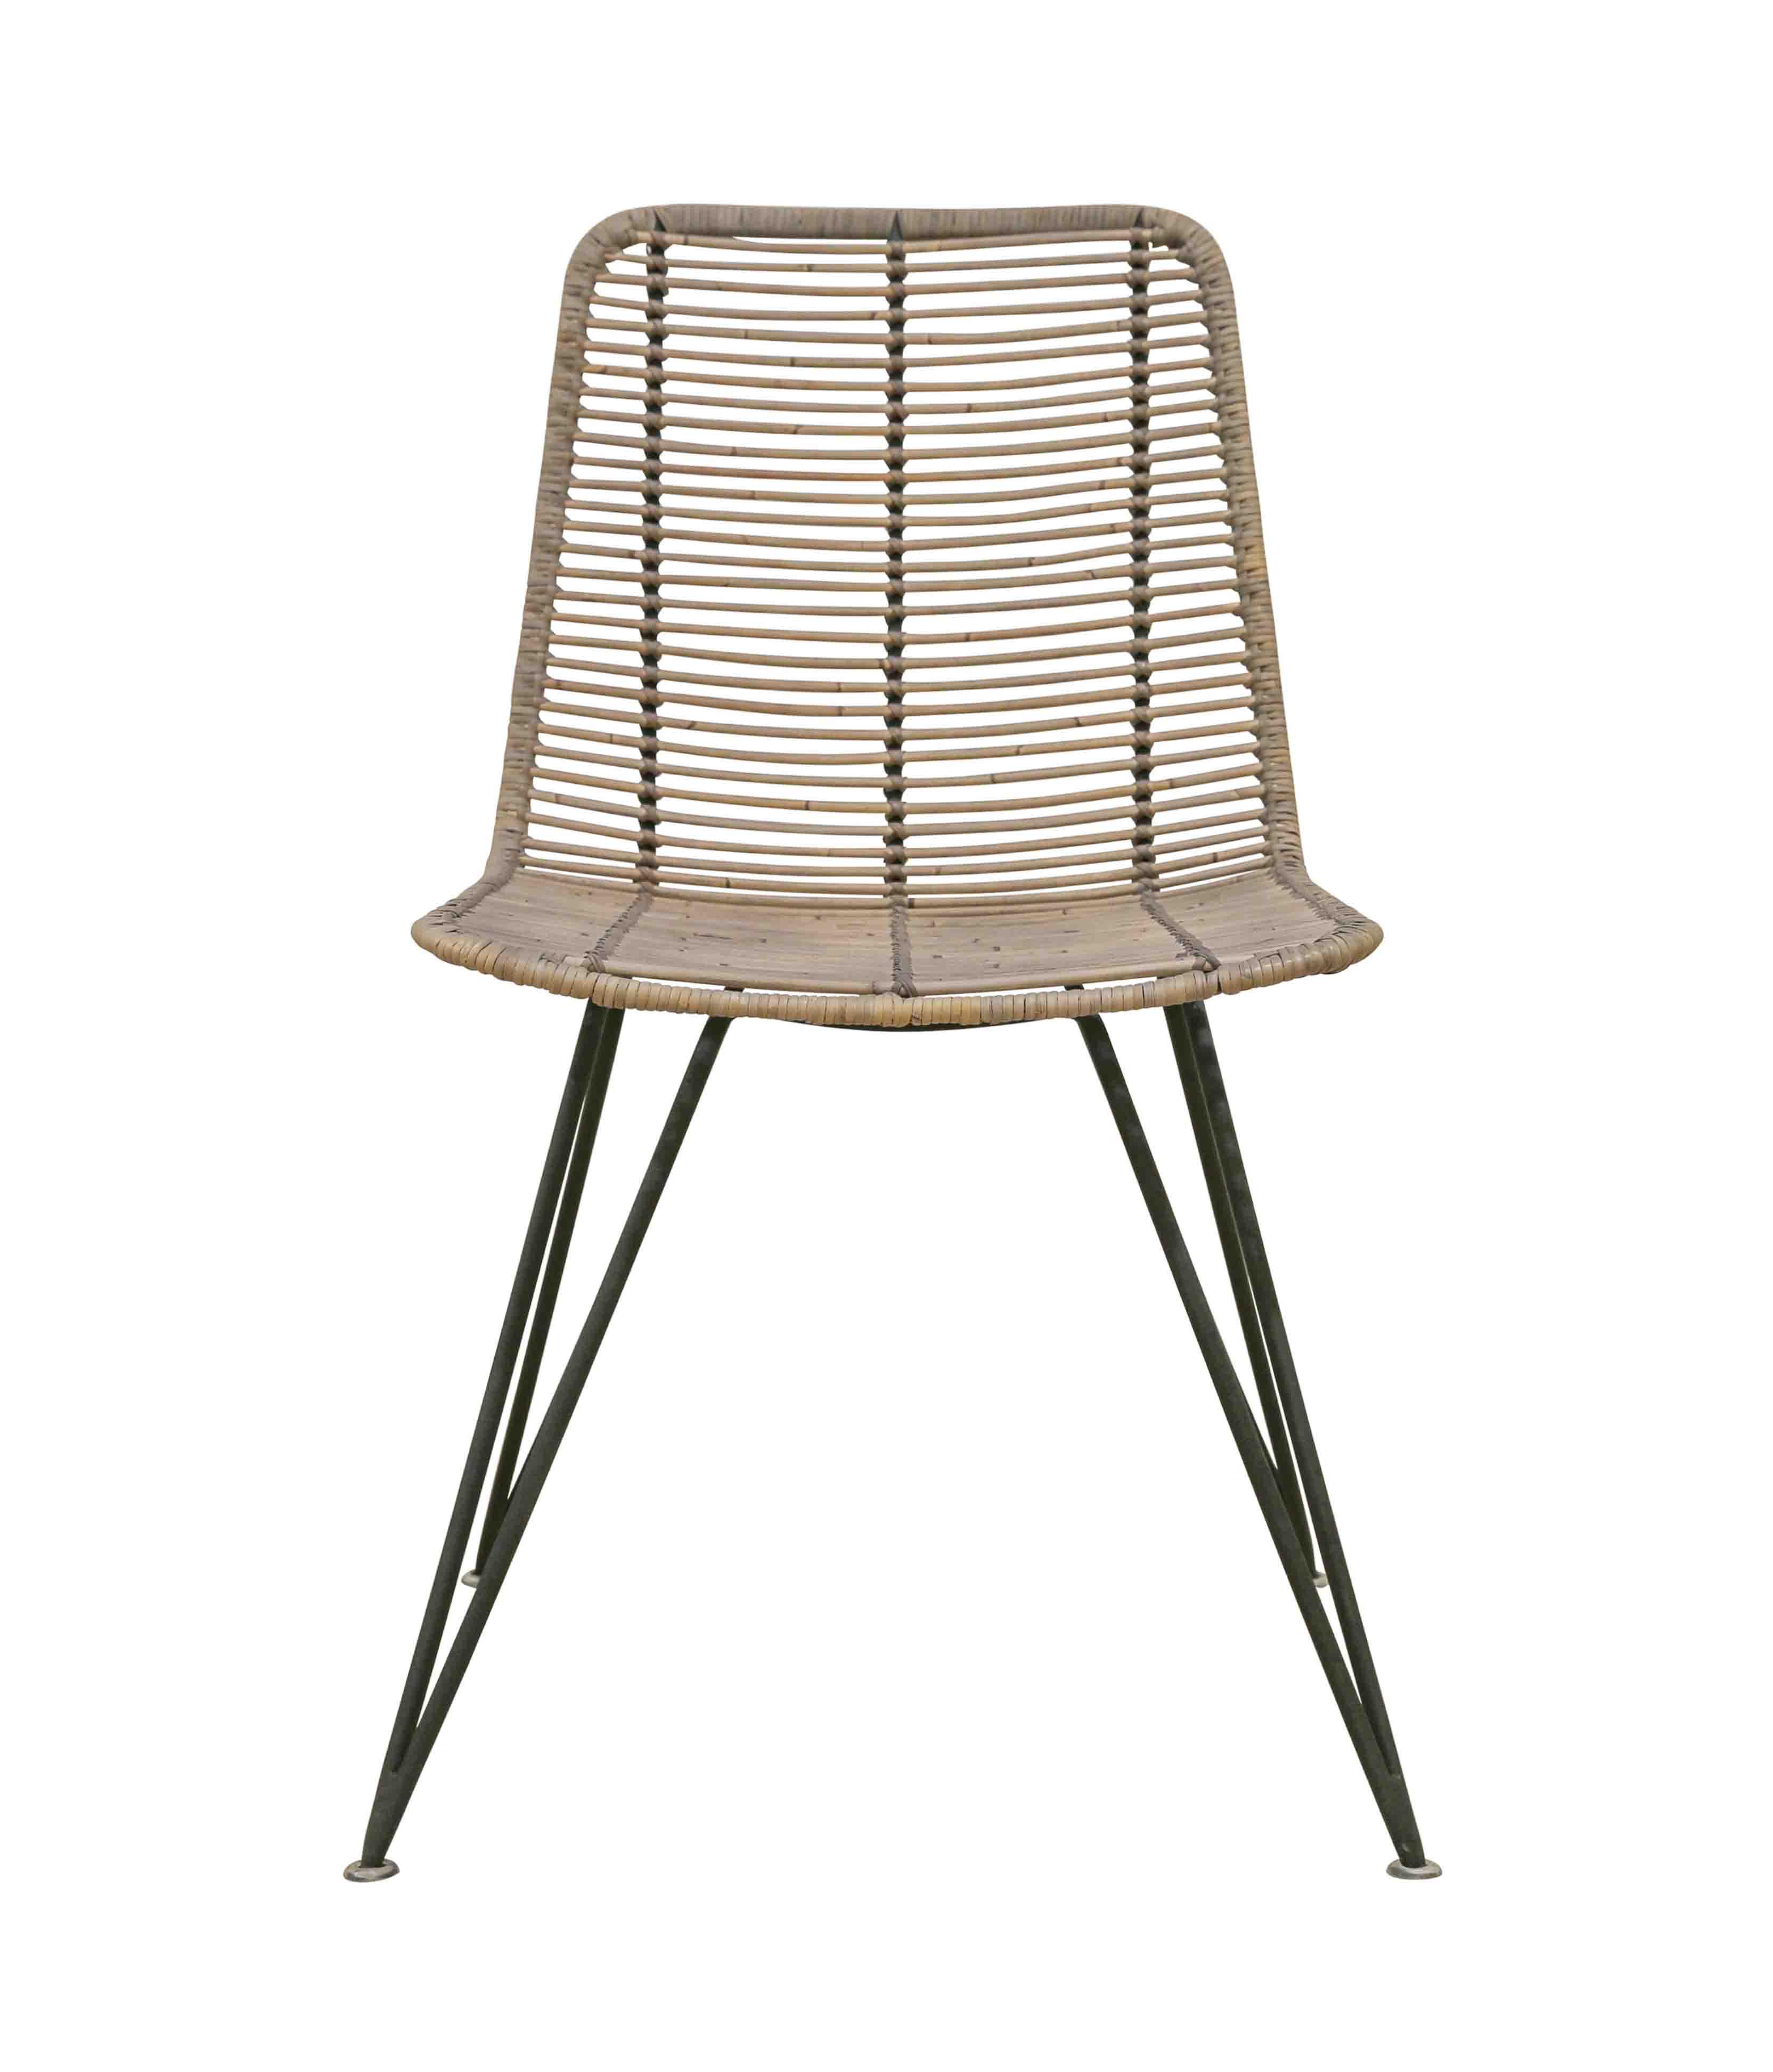 Rattan weave dining chair greywash Coastal Living : Rattan weave dining chair greywash from coastalliving.com.au size 3329 x 3891 jpeg 168kB